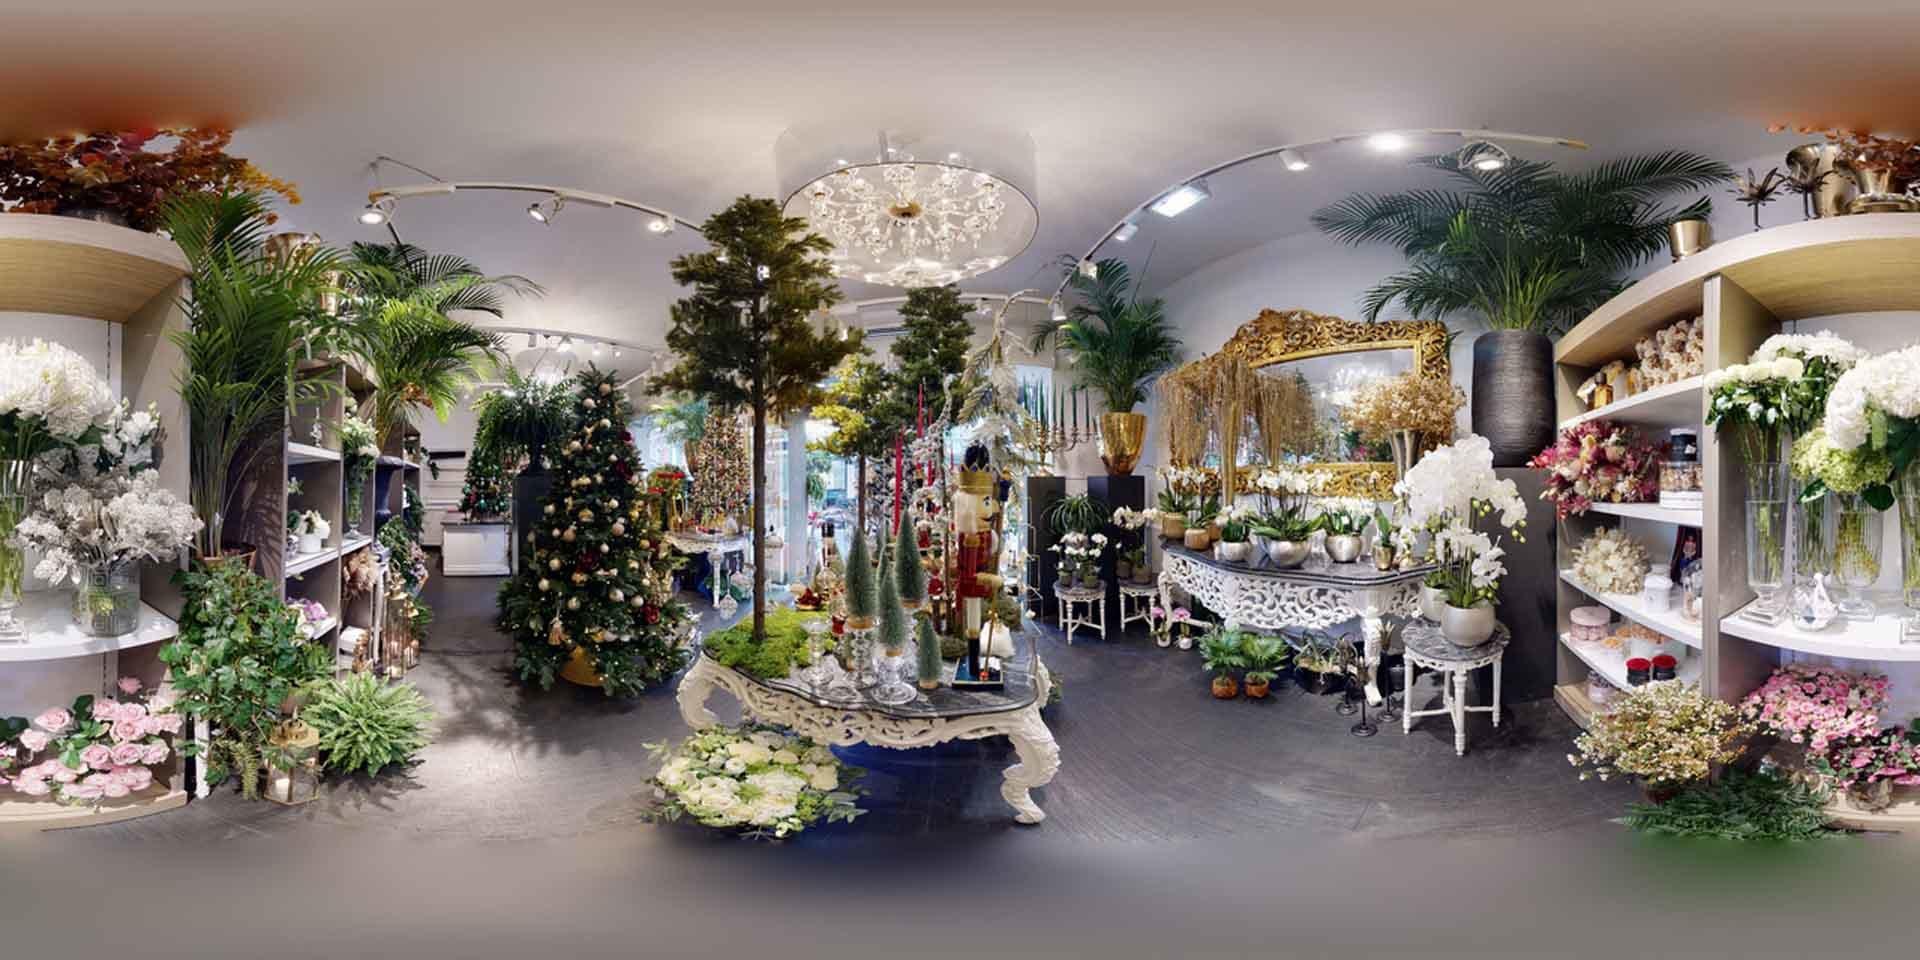 L'intérieur de la boutique Grimaldi